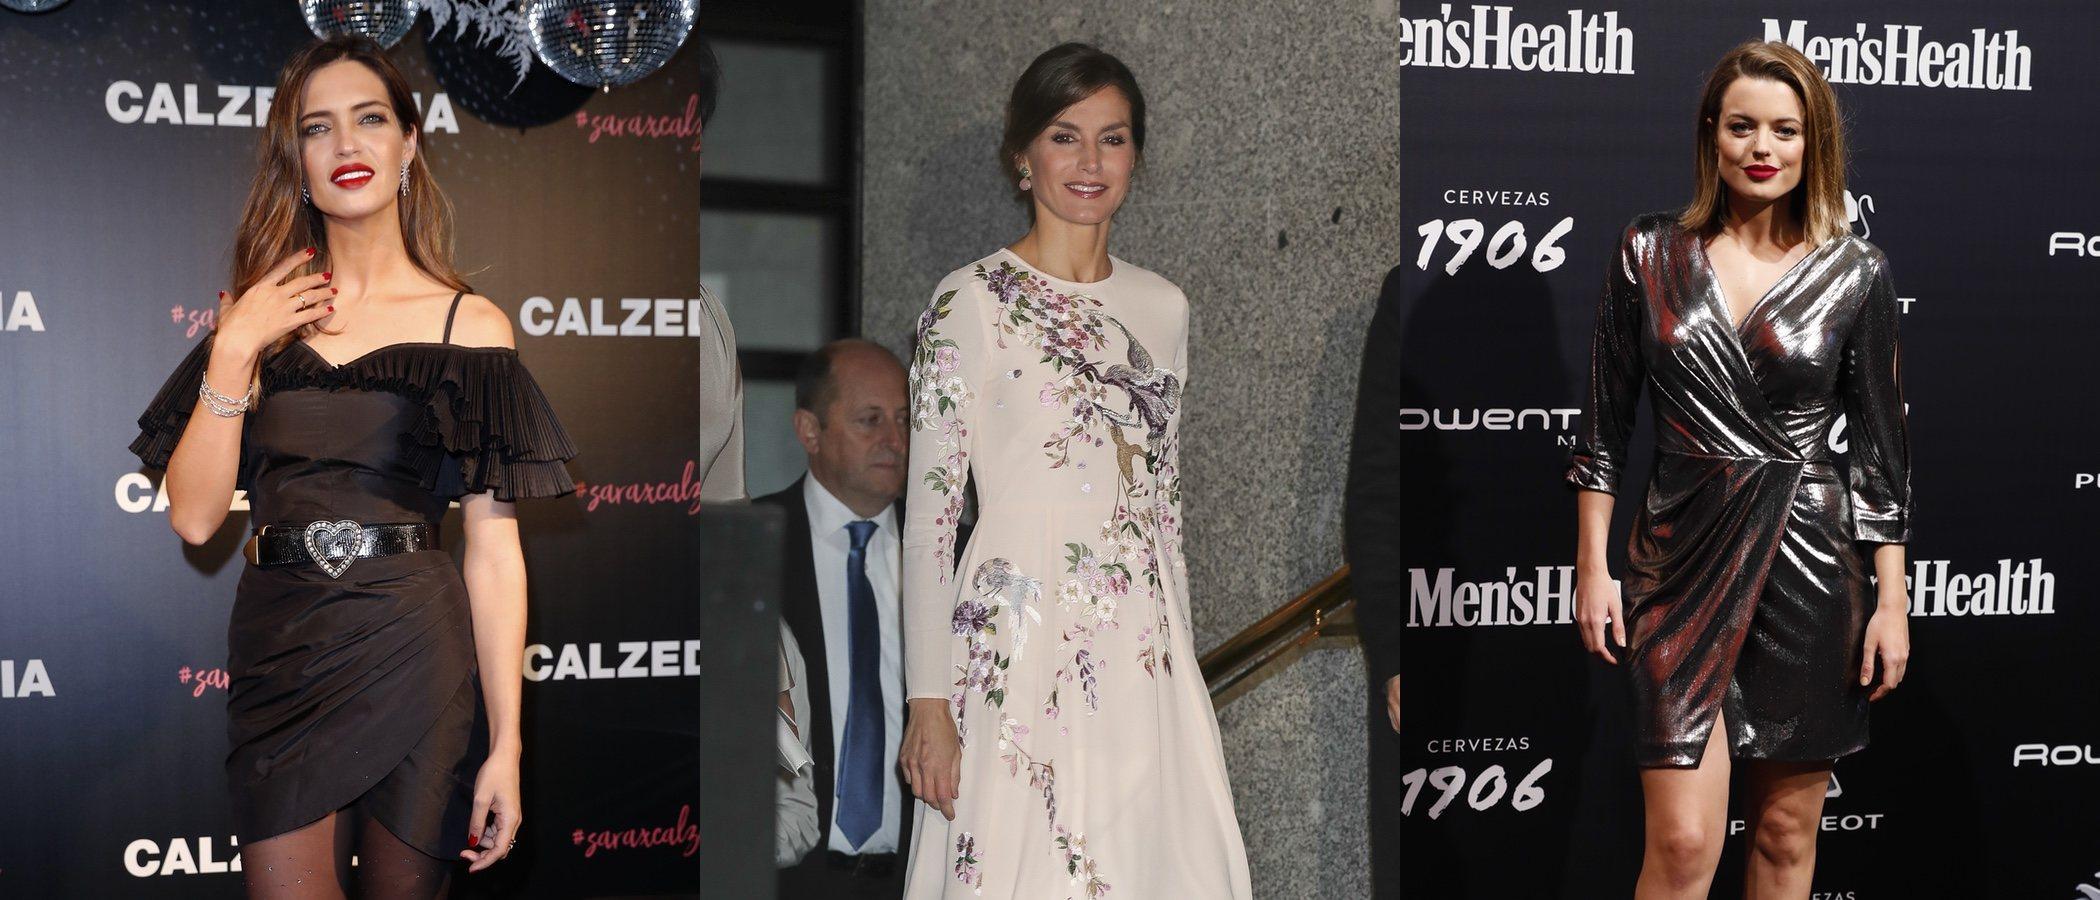 La Reina Letizia, Sara Carbonero y Adriana Torrebejano lucen los mejores looks de la semana